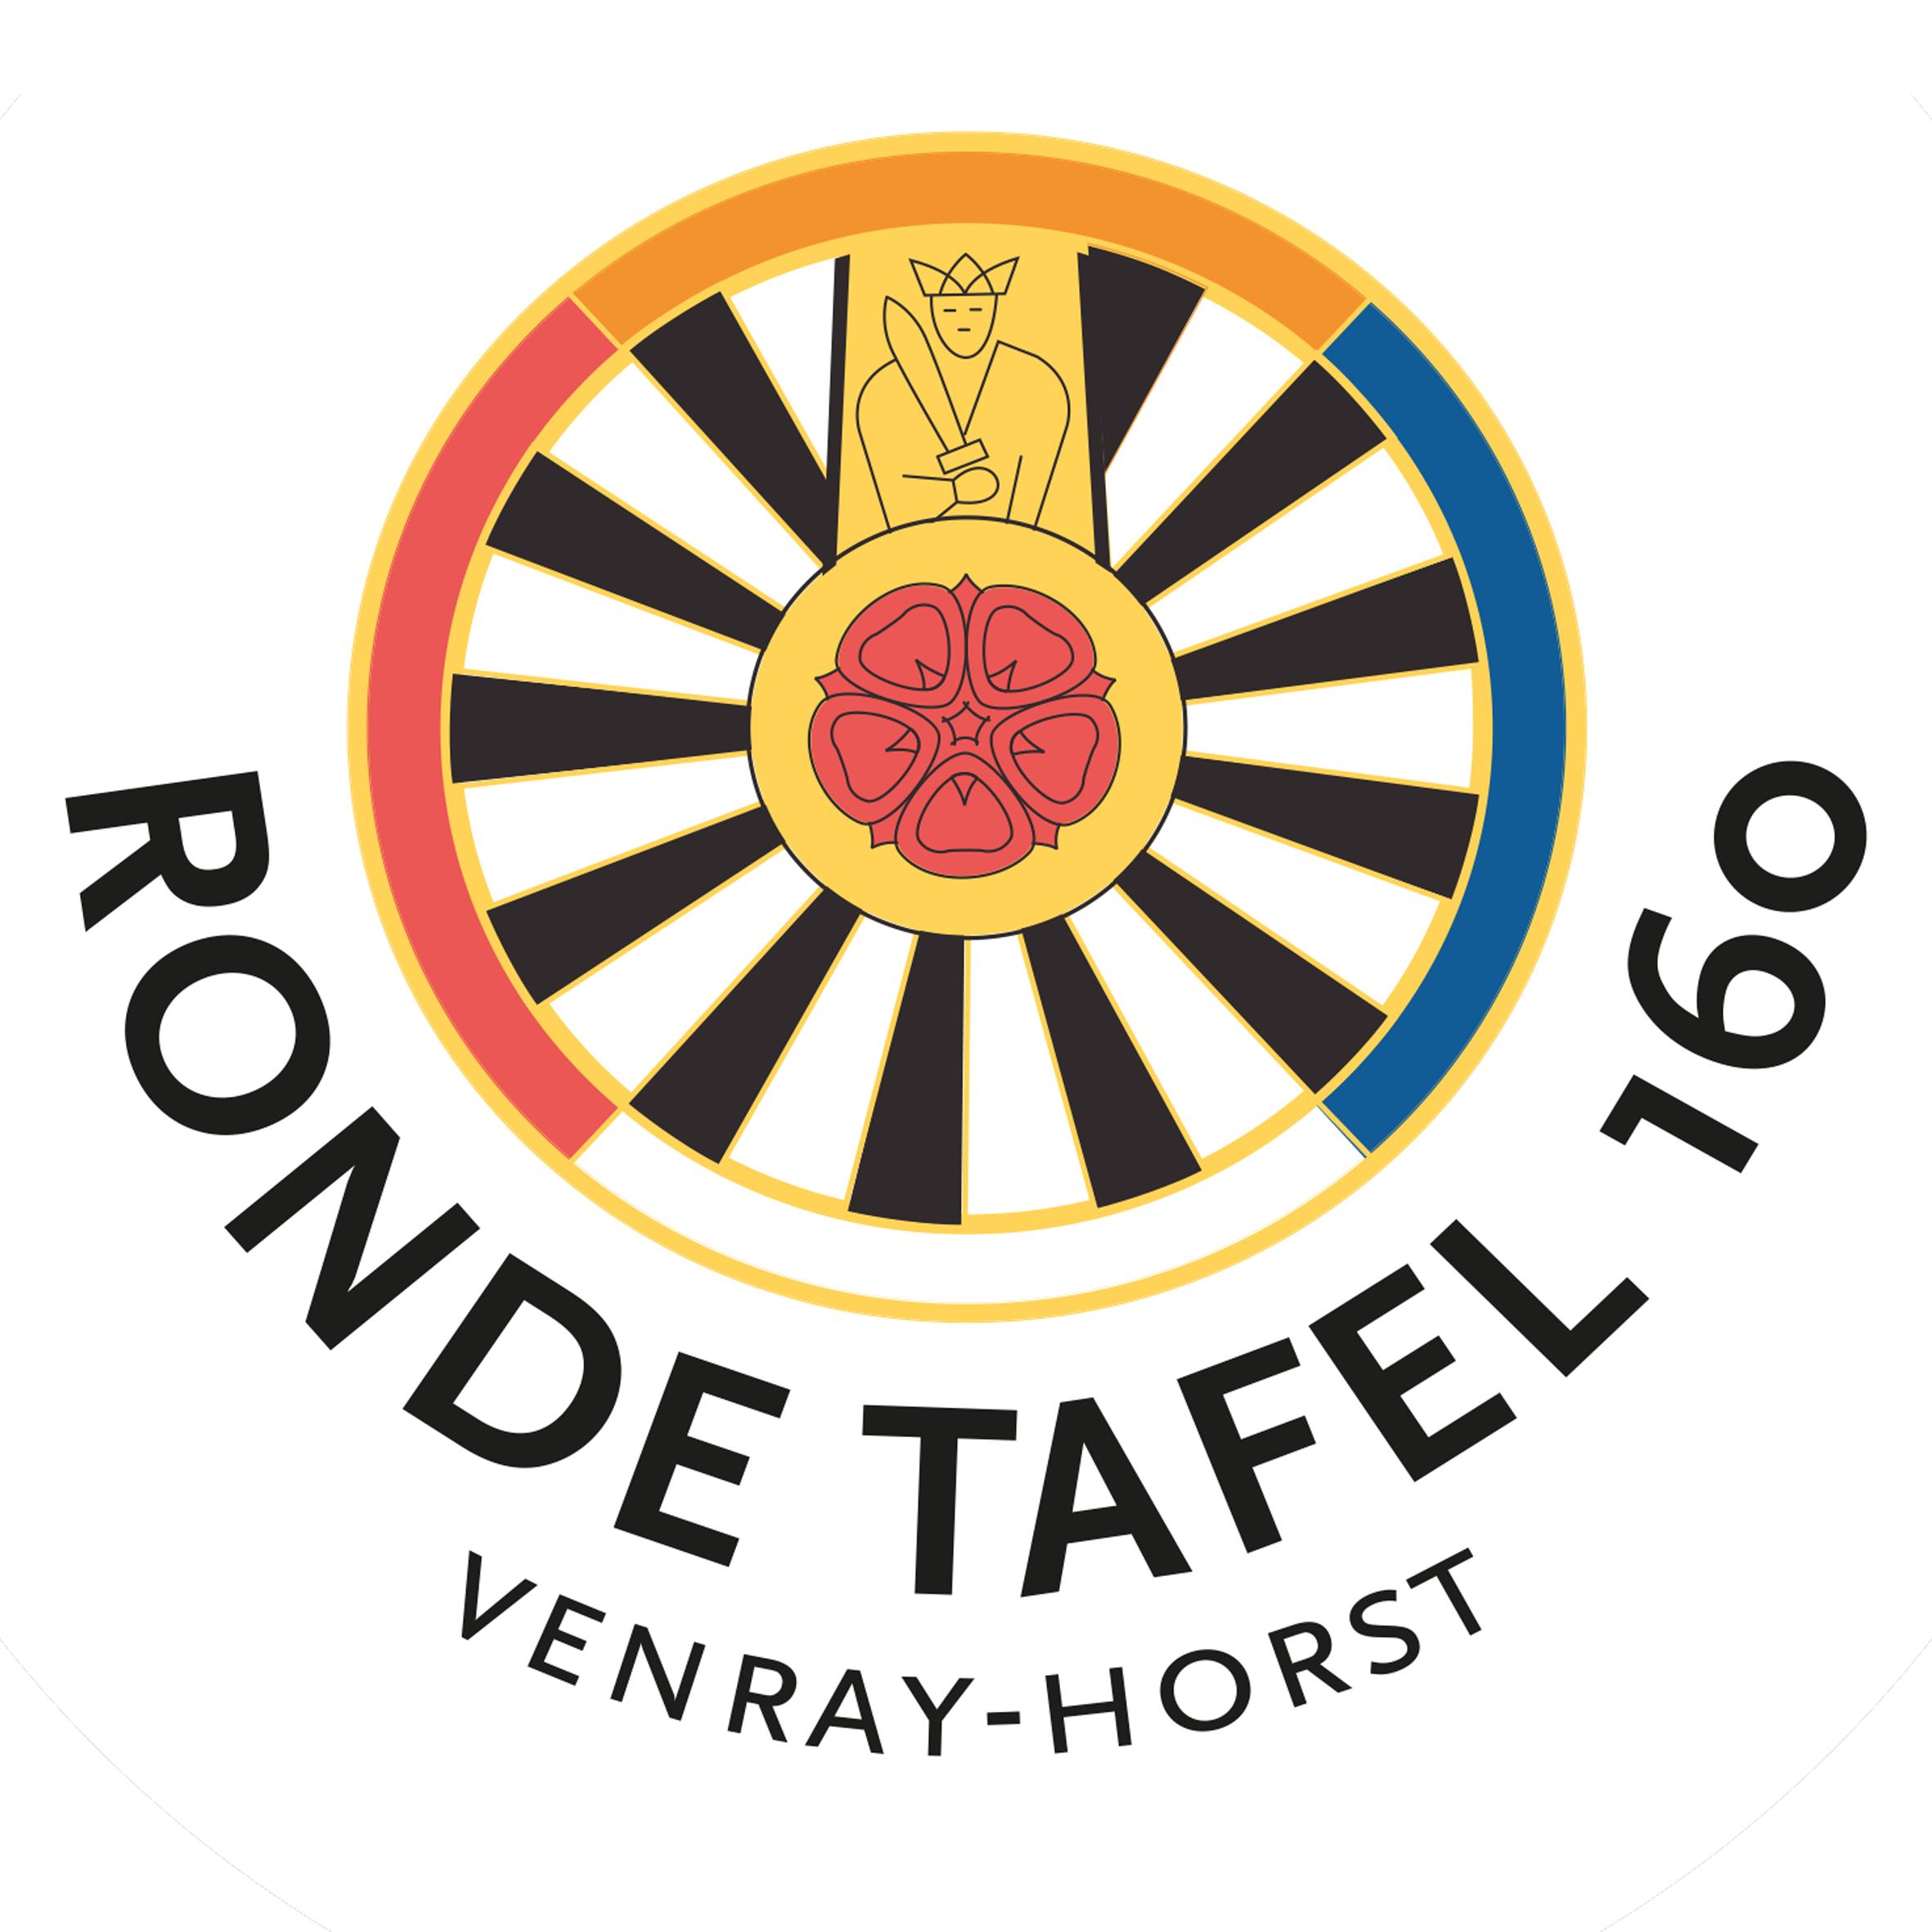 Ronde Tafel Venray.Ronde Tafel 160 Venray Horst Ticketcrew